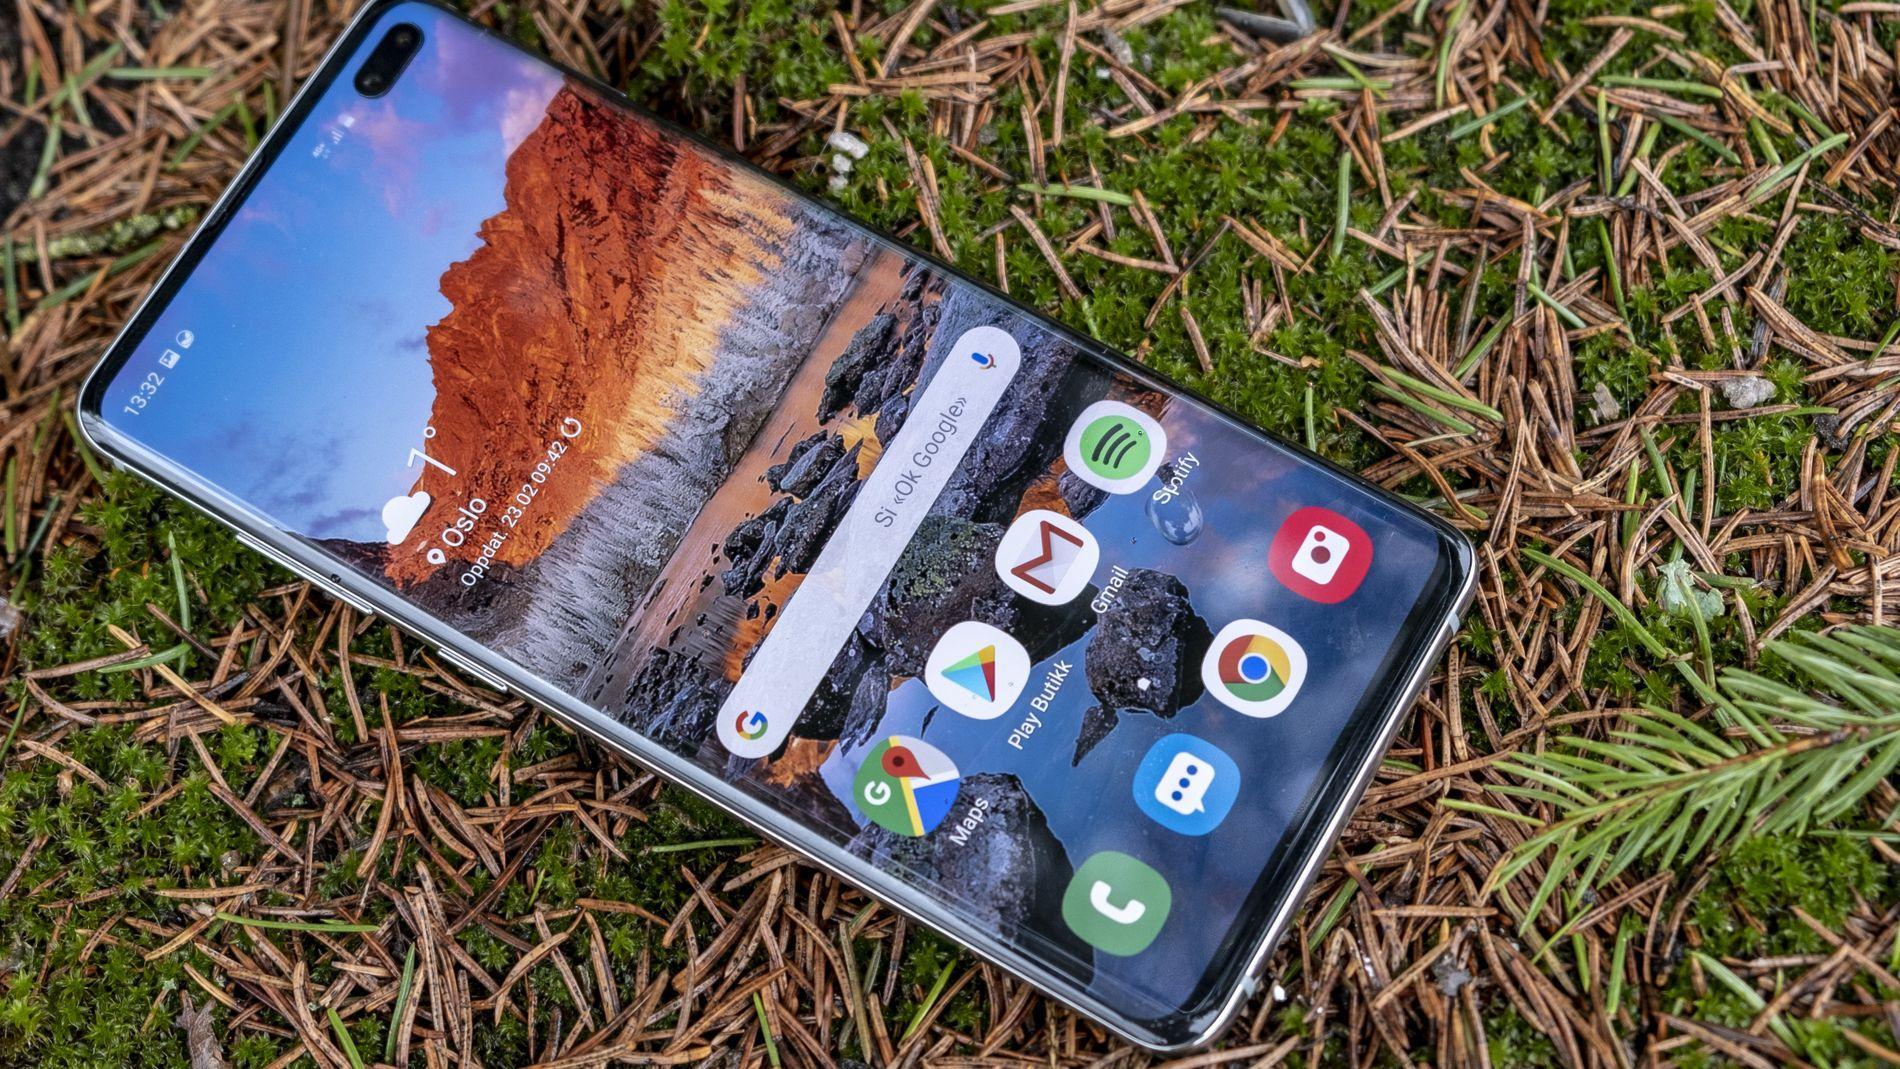 Nå kan du oppdatere Samsung-mobilen din